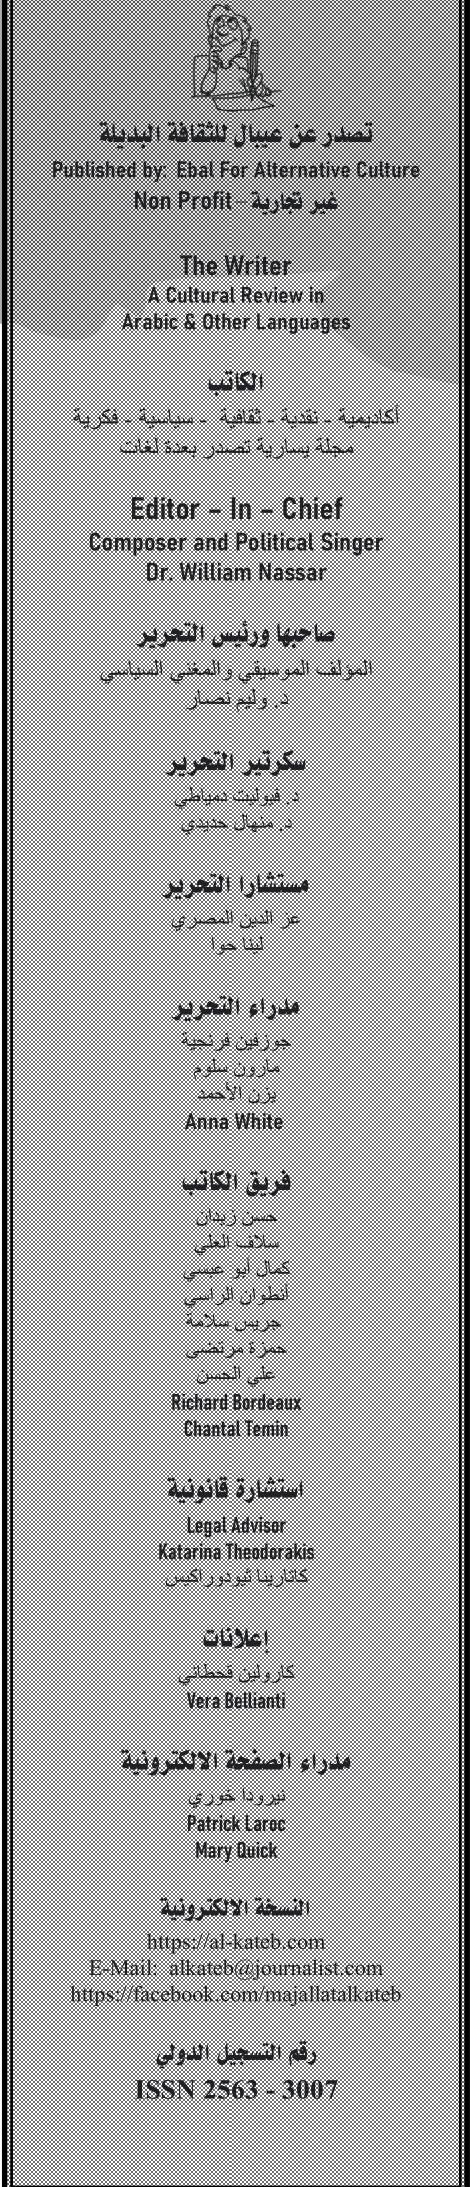 al-kateb.com